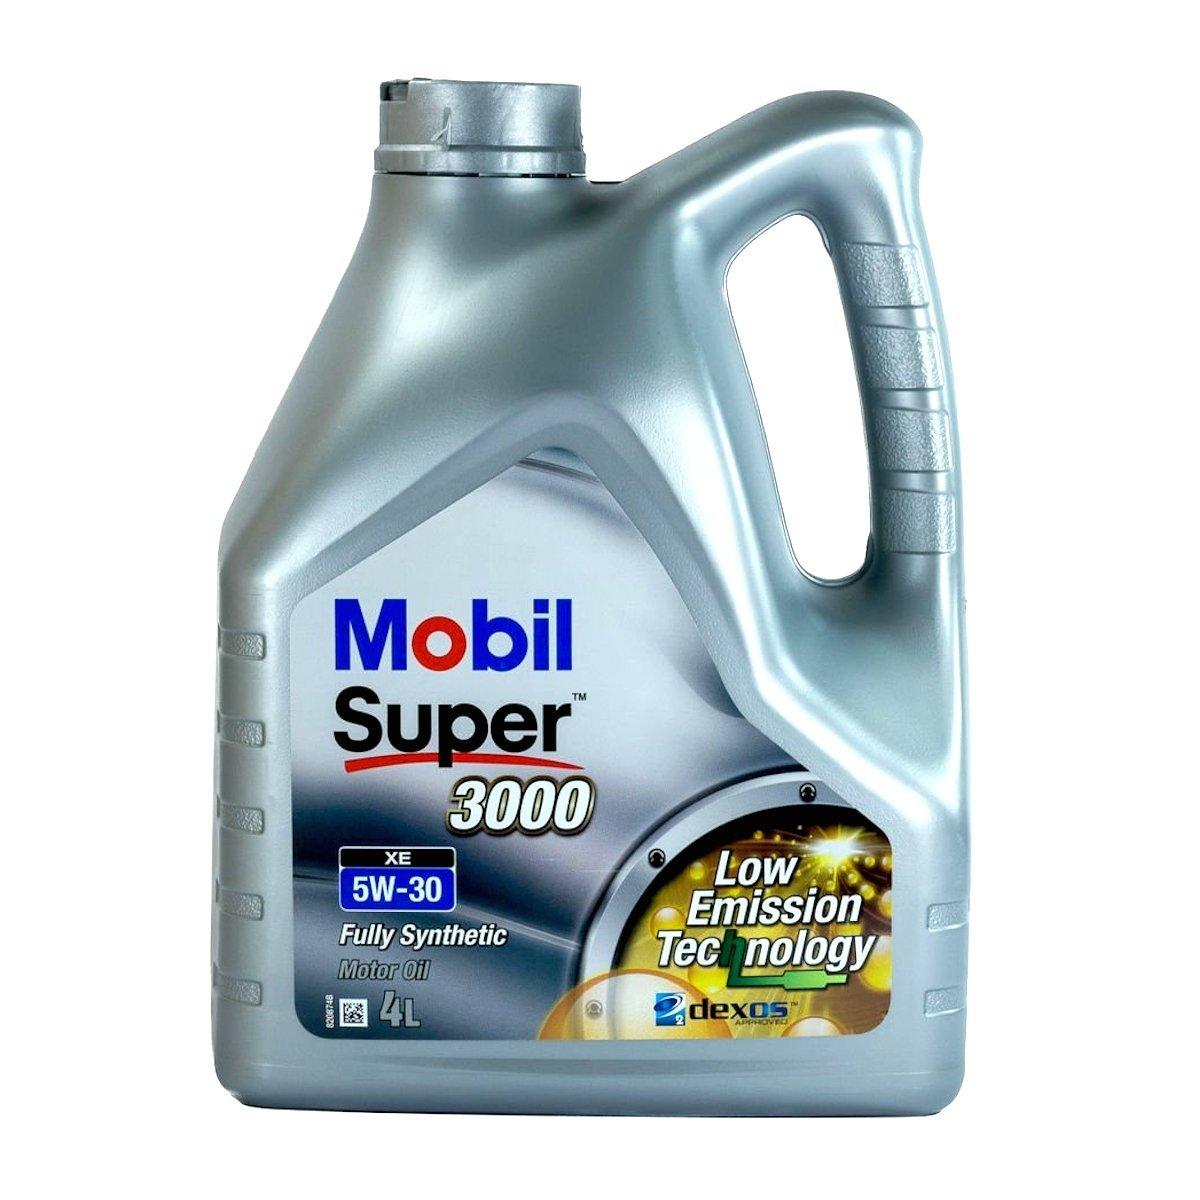 olej silnikowy mobil super 3000 xe 5w 30 4l oleje i filtry samochodowe. Black Bedroom Furniture Sets. Home Design Ideas